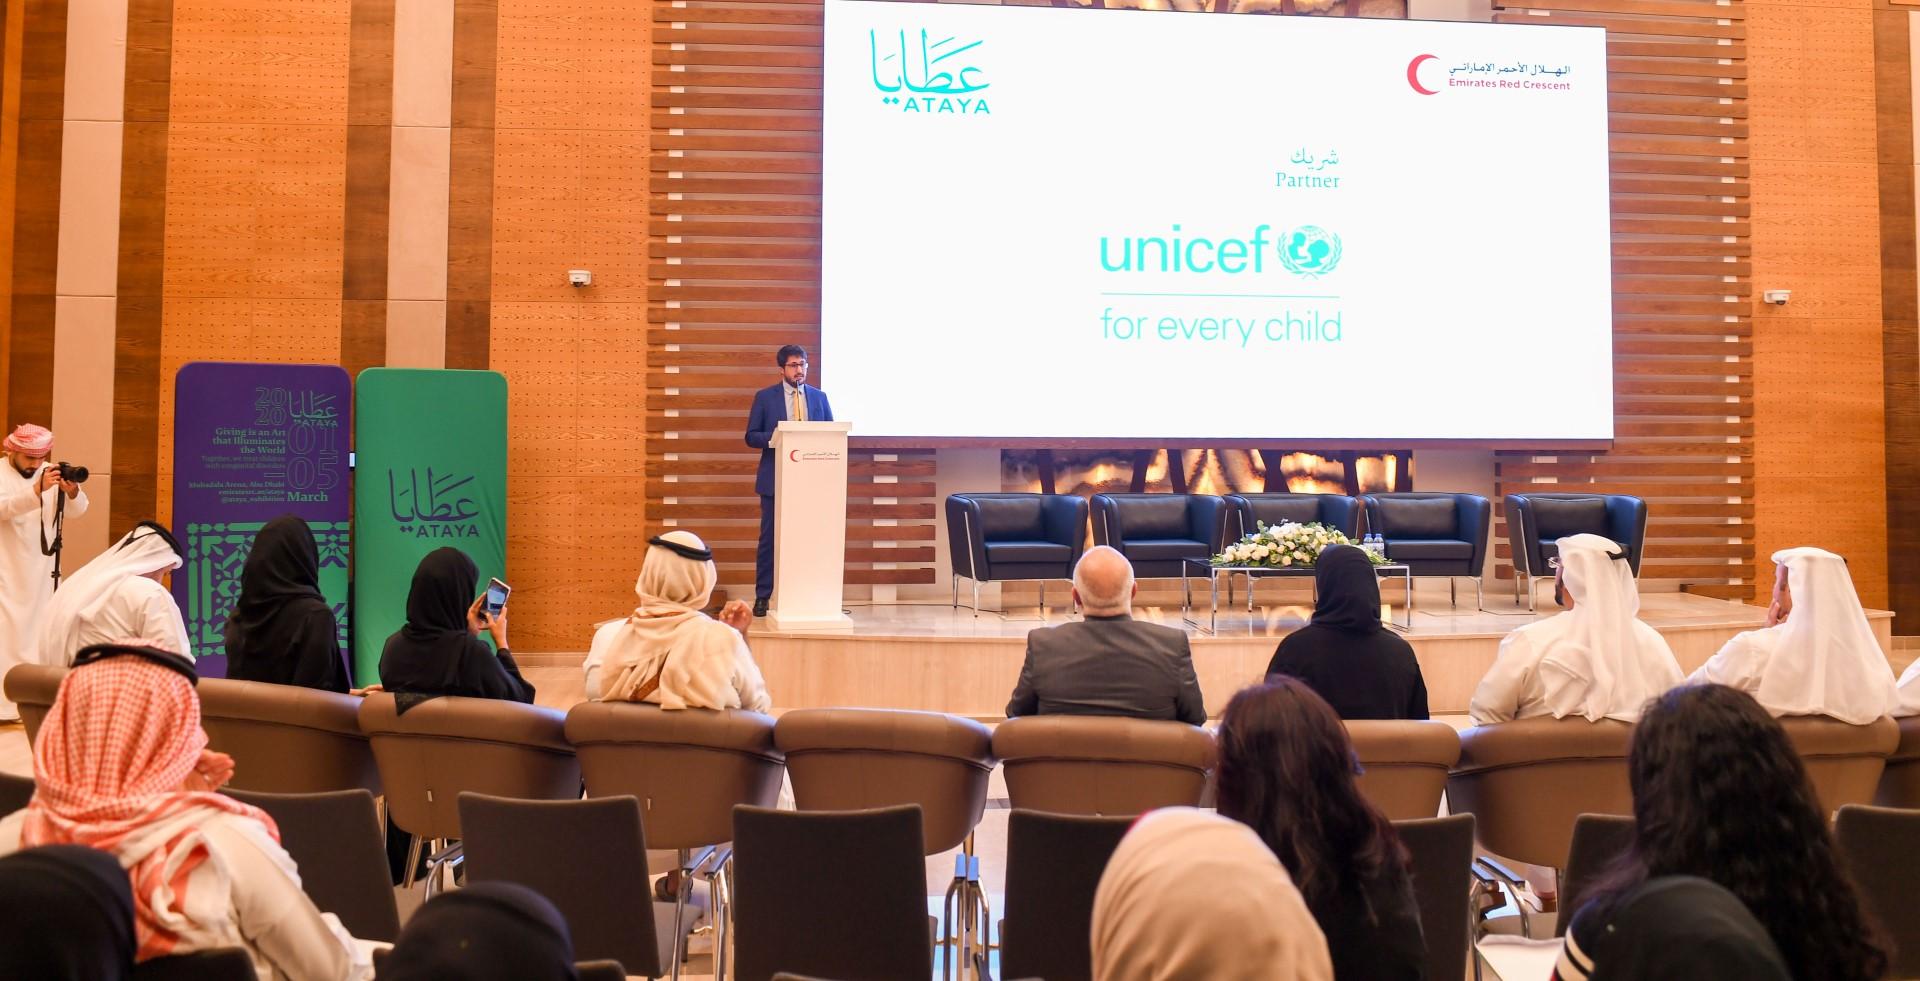 شمسة بنت حمدان: /عطايا/ مبادرة وطنية لابتكار حلول للقضايا الإنسانية التي تؤرق المجتمعات